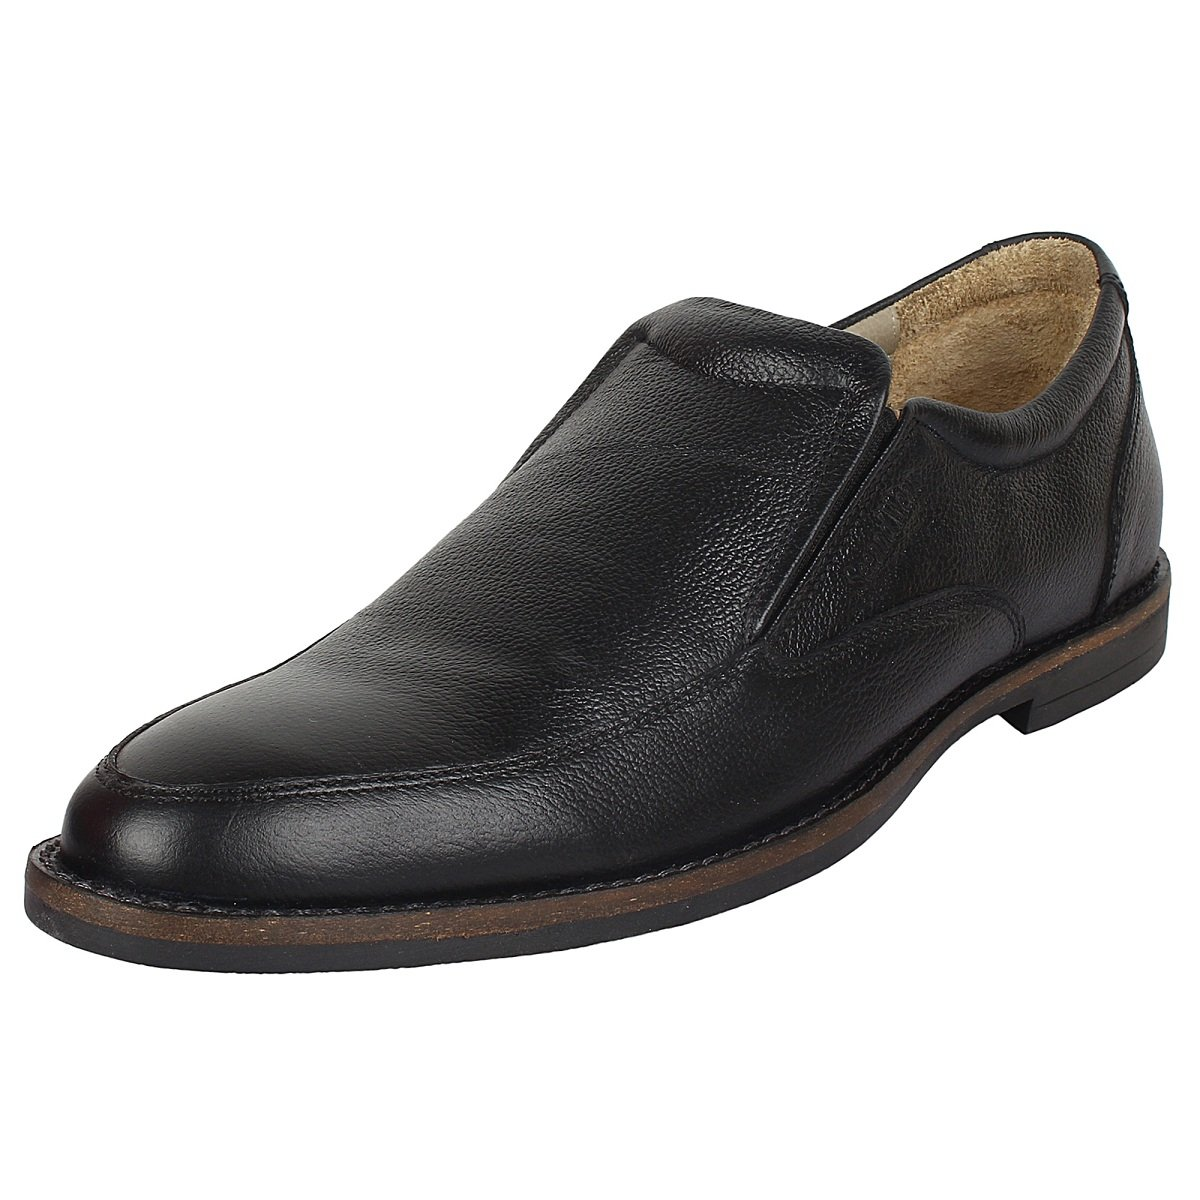 Buy SeeandWear Black Slip On Formal